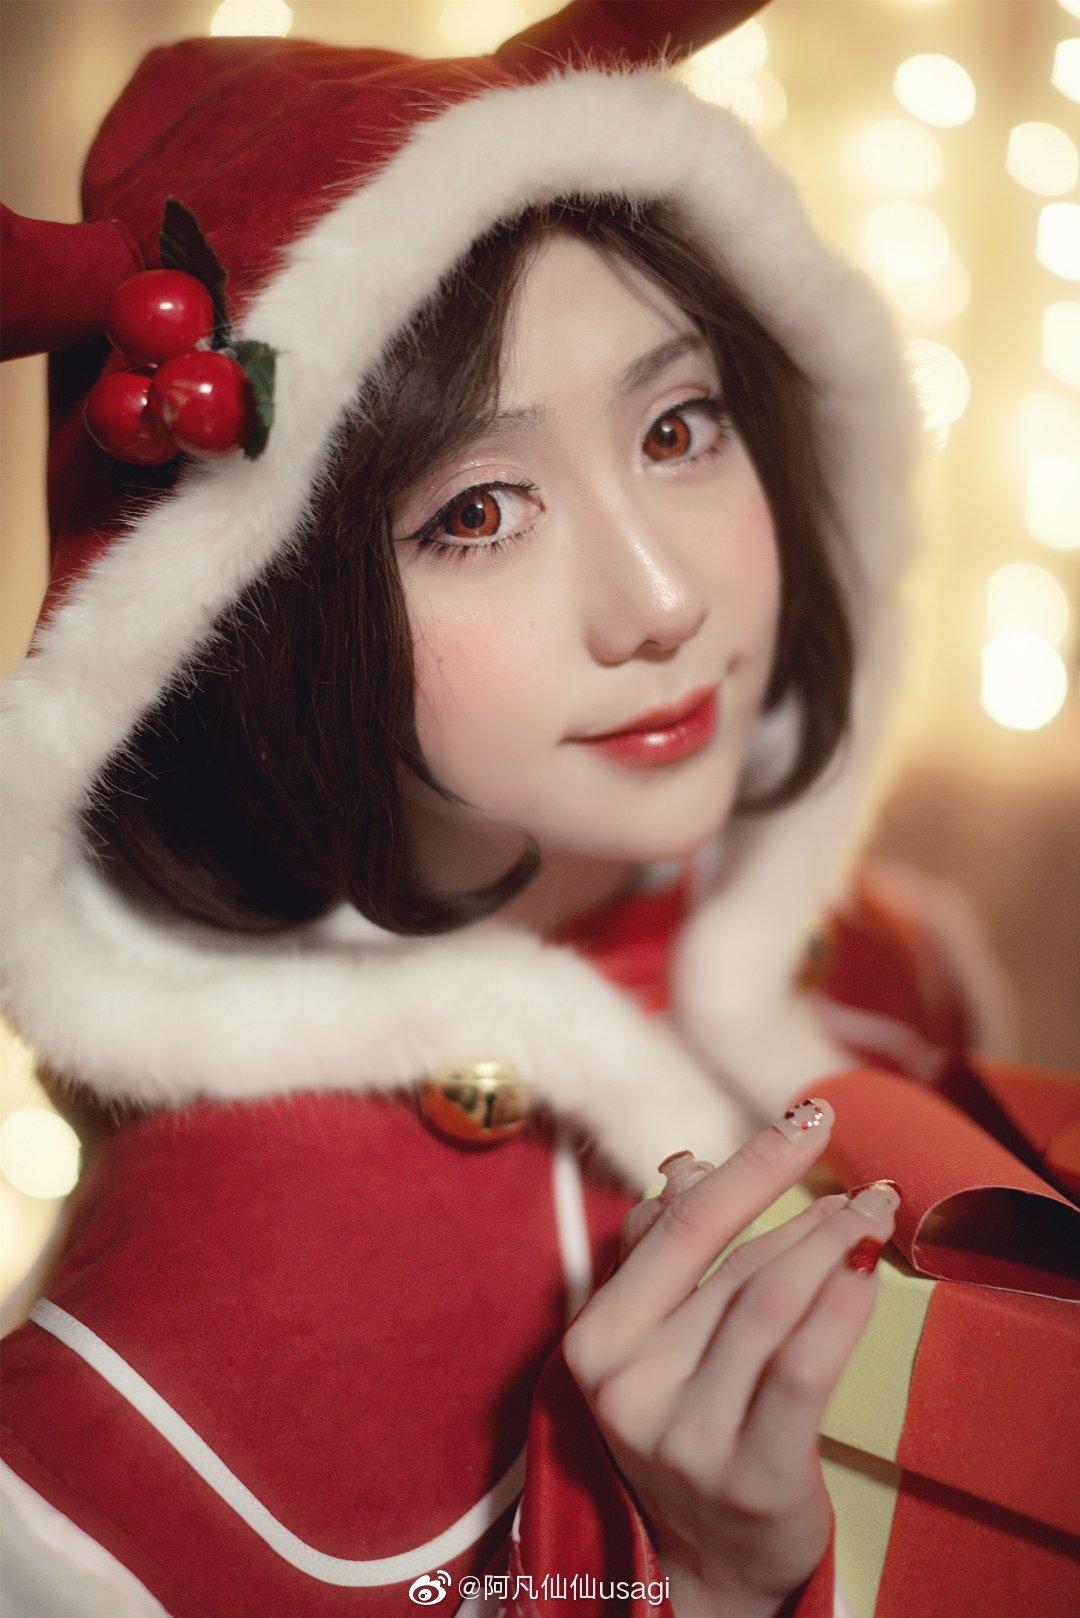 王者荣耀   圣诞貂蝉   @阿凡仙仙usagi (9P)-第8张